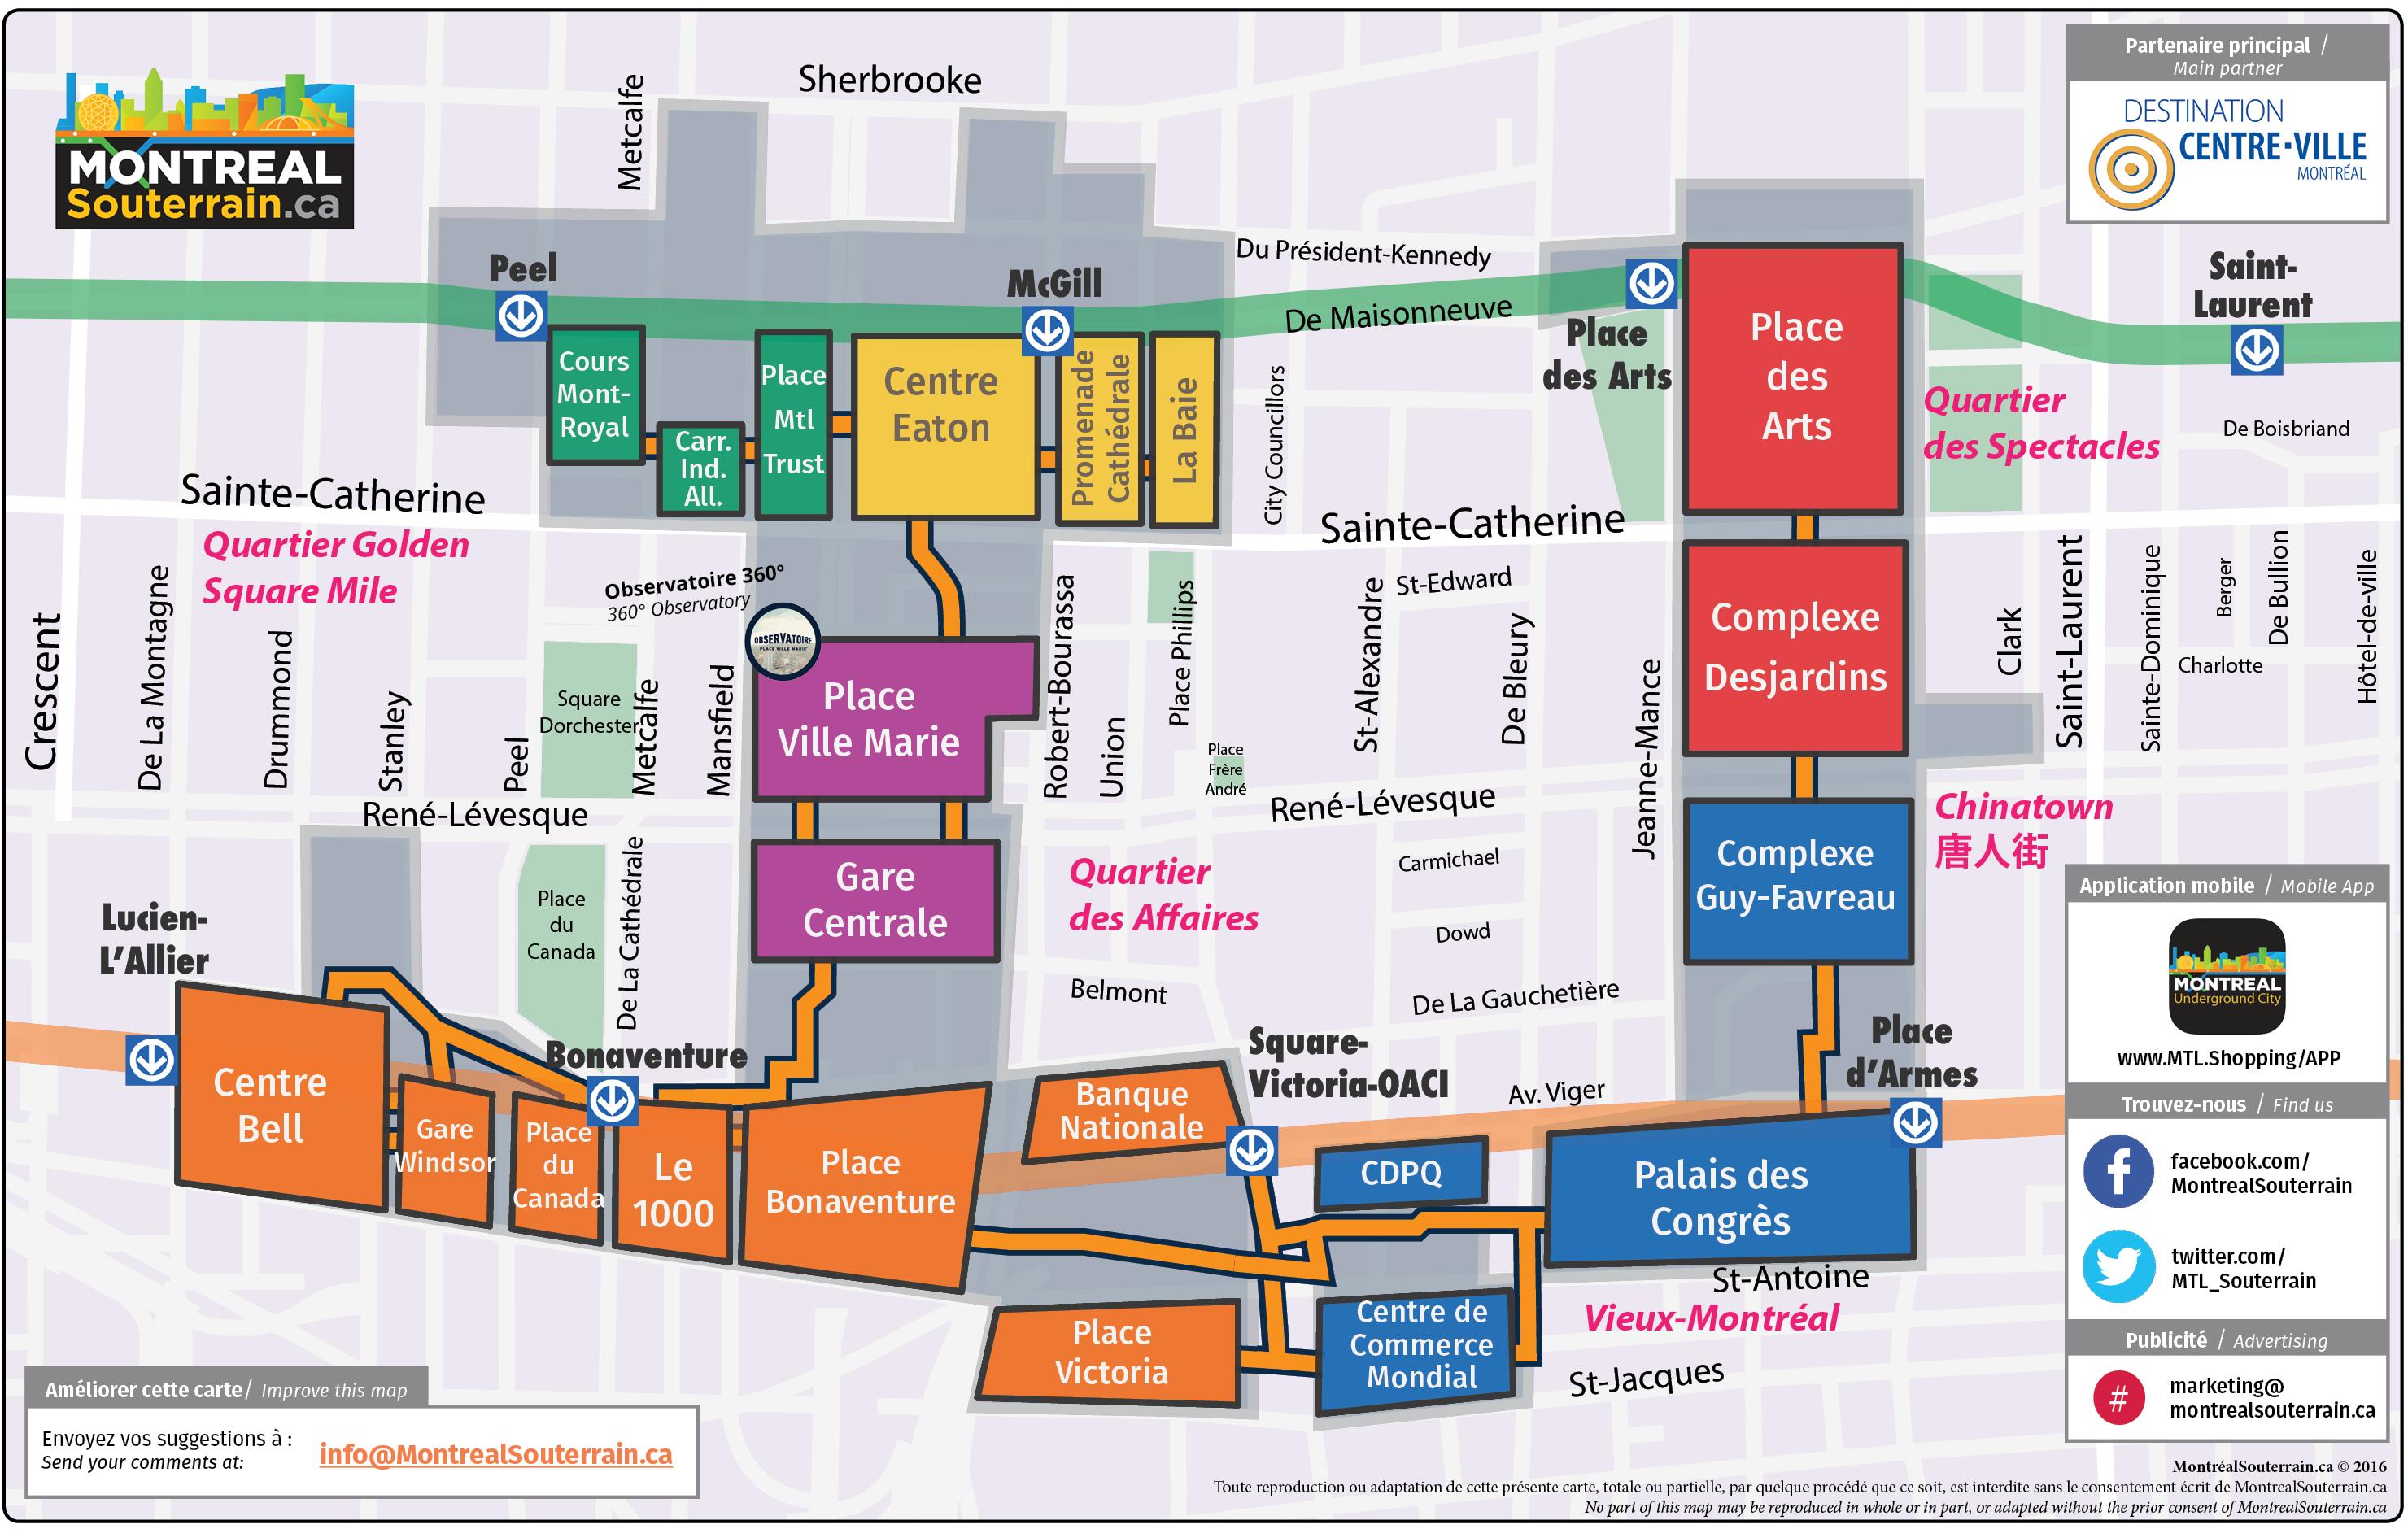 Carte montr al souterrain montr al souterrain map - Centre de reeducation fonctionnelle port royal ...